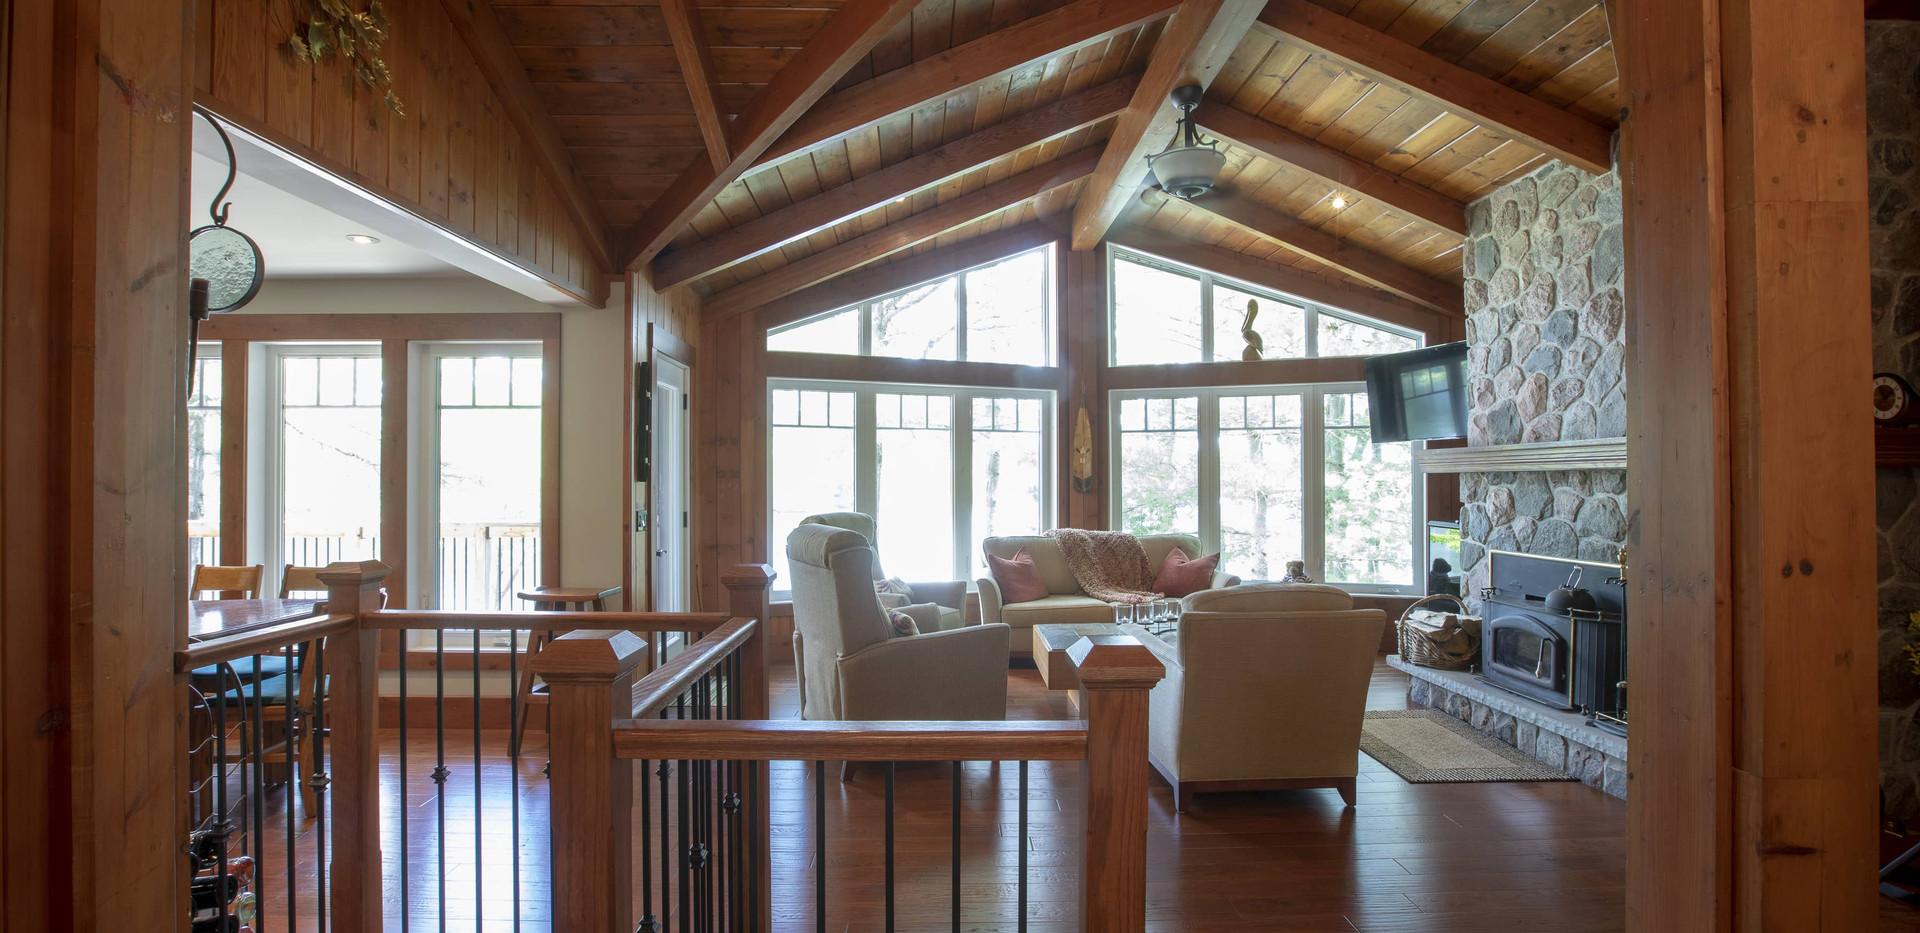 Wood Beam Ceilings Custom Cottage Edenlane Muskoka